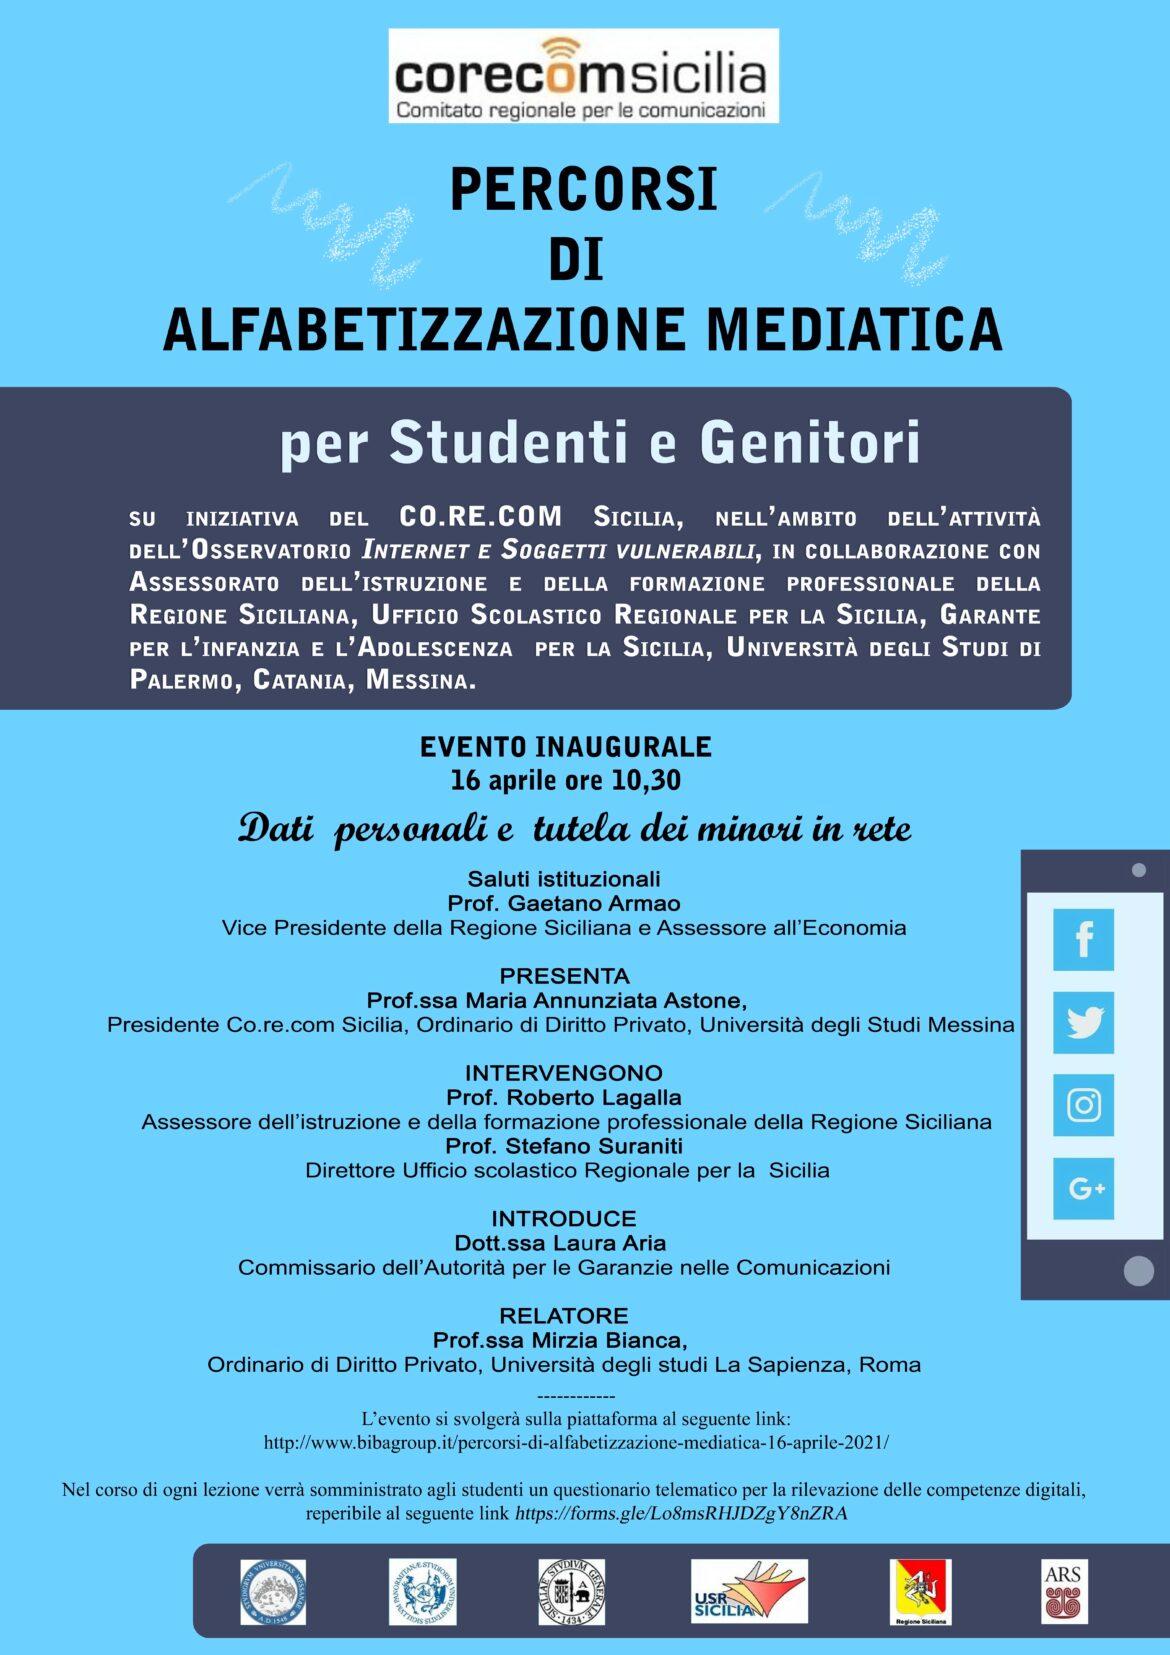 Palermo,  'Percorsi di alfabetizzazione mediatica', sette incontri on line rivolti agli studenti delle scuole superiori organizzati dal Corecom Sicilia dal 16 aprile 28 maggio.